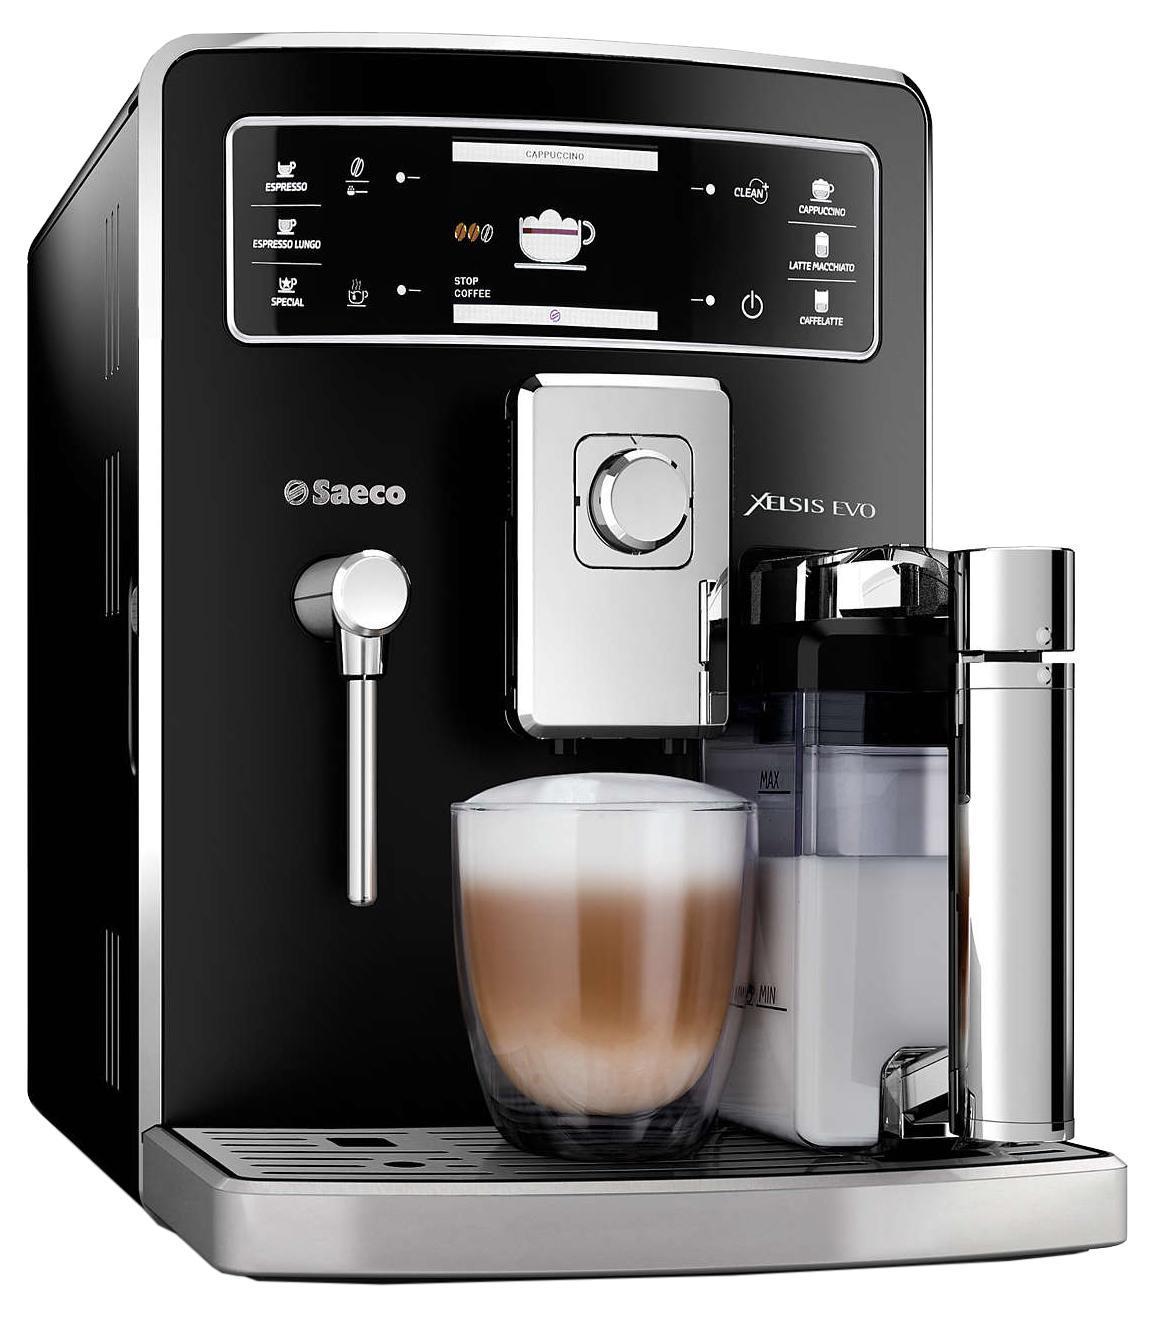 Philips Saeco HD8953/09 Xelsis Evo кофемашинаHD8953/09Создание разных напитков для нескольких пользователей благодаря графину для молока с функцией автоматической двойной очистки. С кофемашиной Xelsis Evo каждый член семьи сможет наслаждаться изумительным вкусом любимого кофе. Благодаря уникальной функции можно создать до 6 профилей и сохранить до 9 программ приготовления для каждого профиля. 100%-но керамические жернова: Надежные 100%-но керамические жернова гарантируют наслаждение отличным кофе в течение долгих лет. Керамика обеспечивает идеальный помол зерен, благодаря чему вода равномерно проникает в них, впитывая вкус и аромат. В отличие от обычных, керамические жернова не перегревают зерна и устраняют жженый привкус напитка. Съемная варочная группа: Эффективность и простота использования были основными критериями при разработке первой варочной группы Saeco 30 лет. Созданная нами технология оправдывает эти принципы и сегодня. Наша варочная группа невероятно удобна в очистке:...